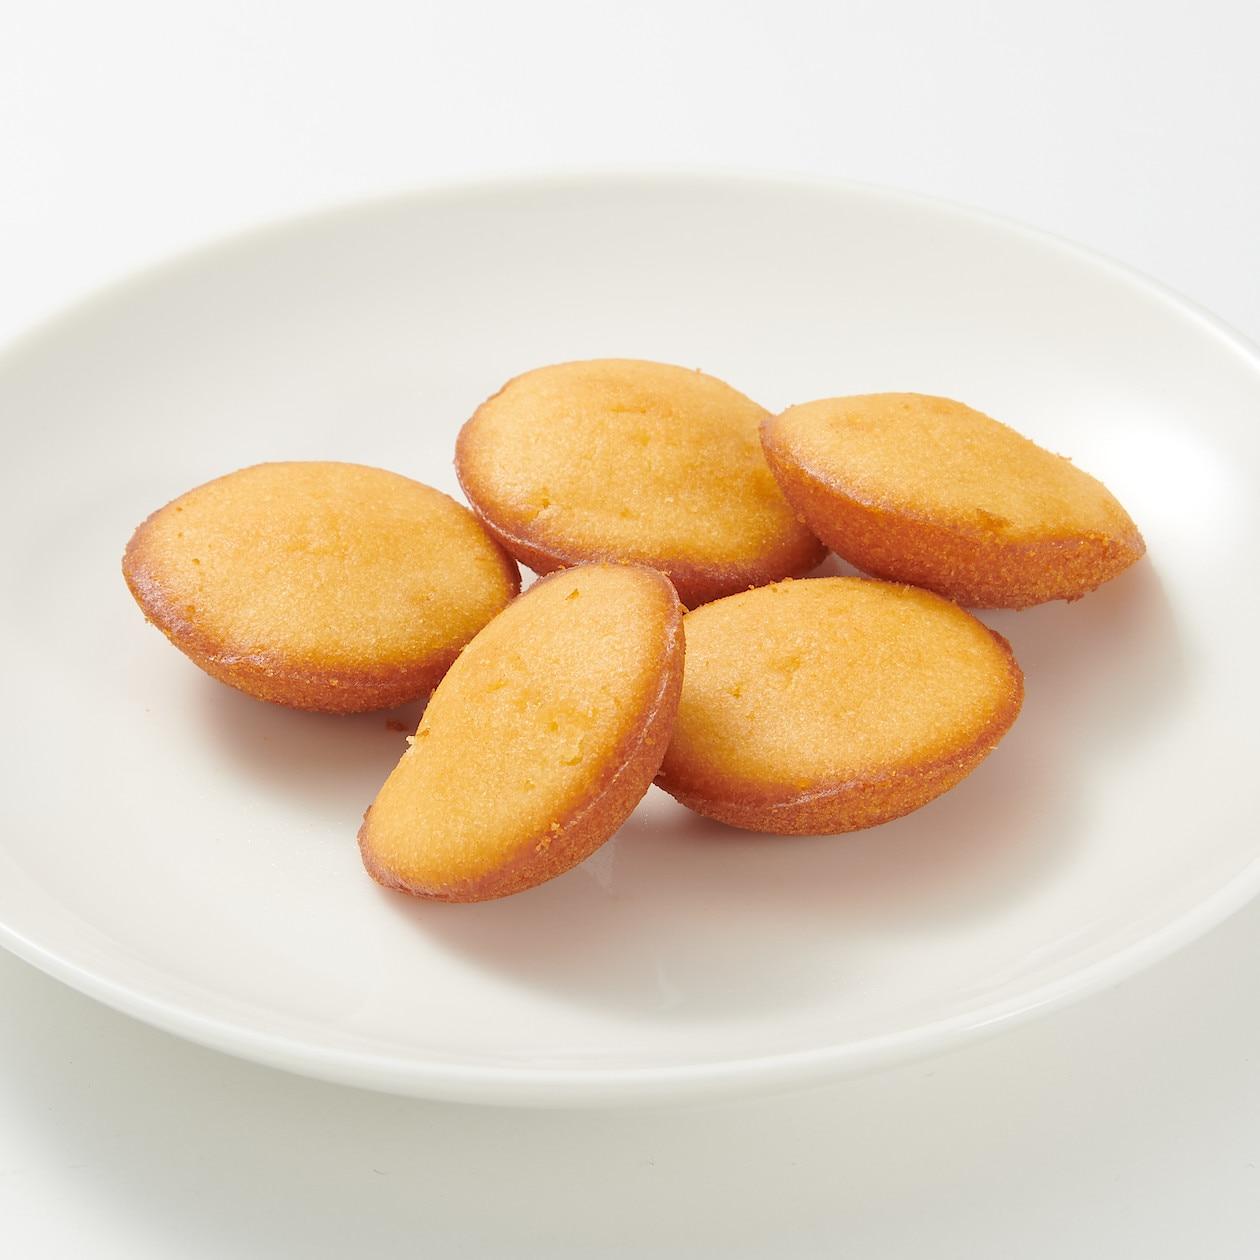 糖質10g以下のお菓子 ひとくちはちみつケーキ